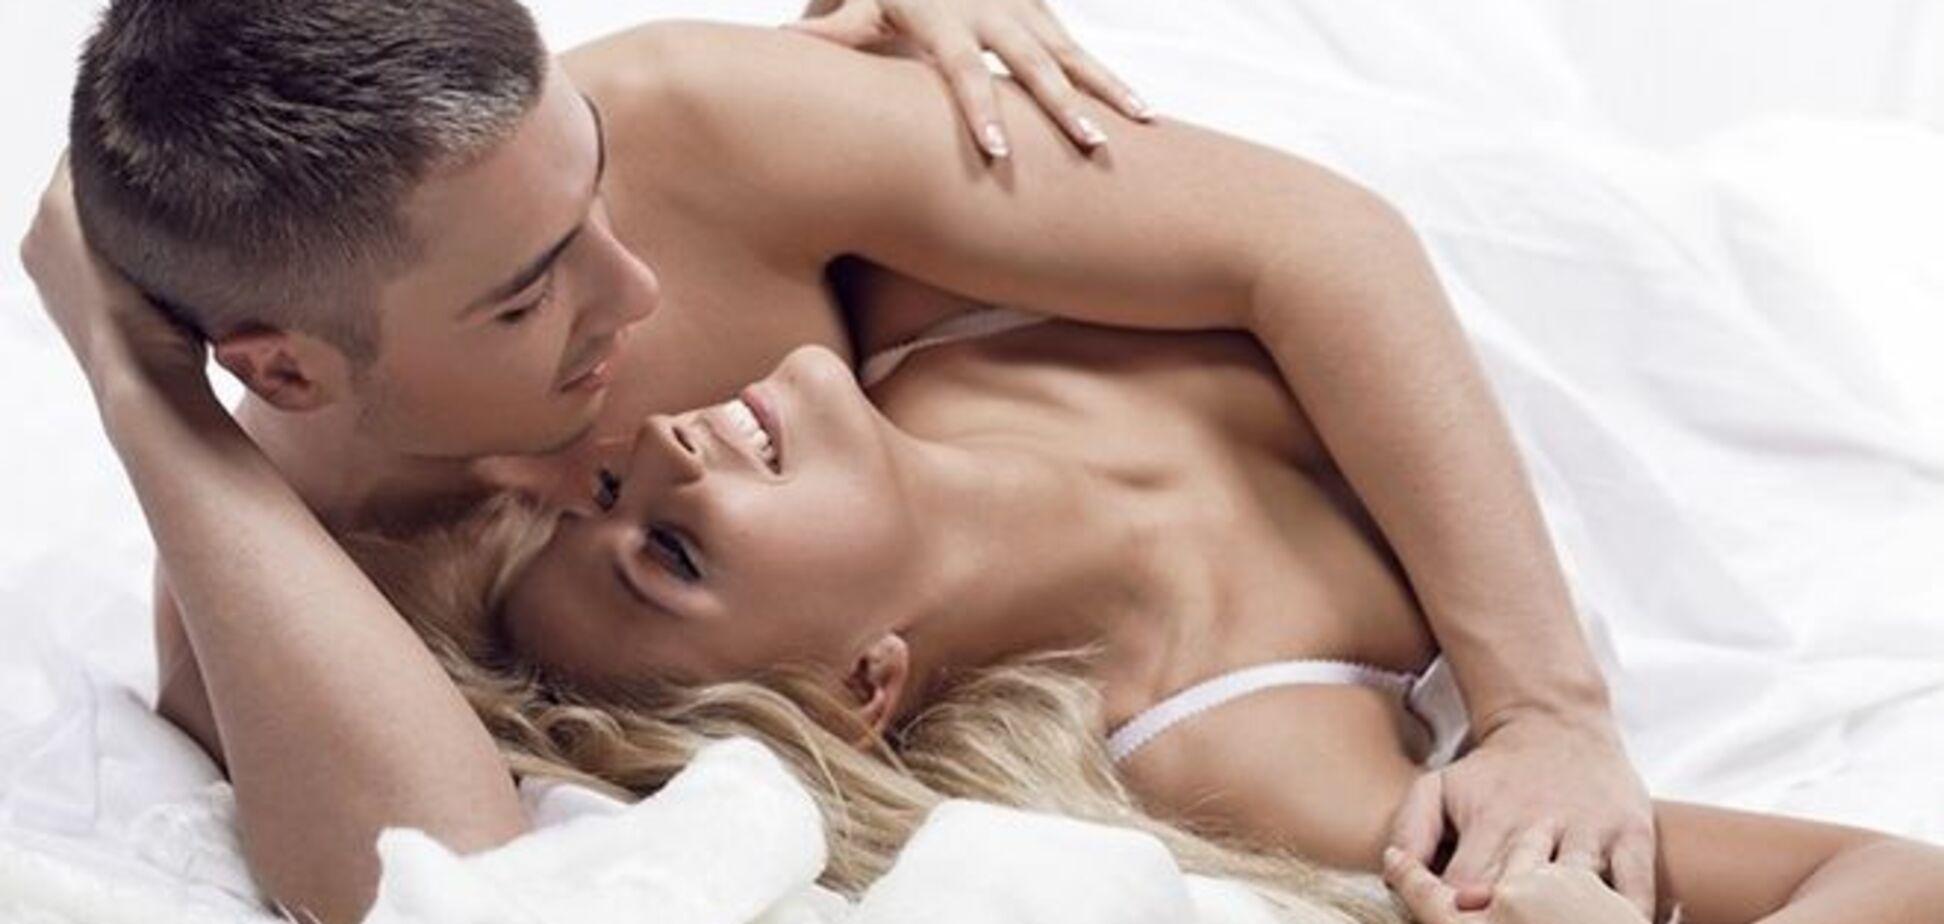 Ученые определили, как узнать хочет ли женщина секса